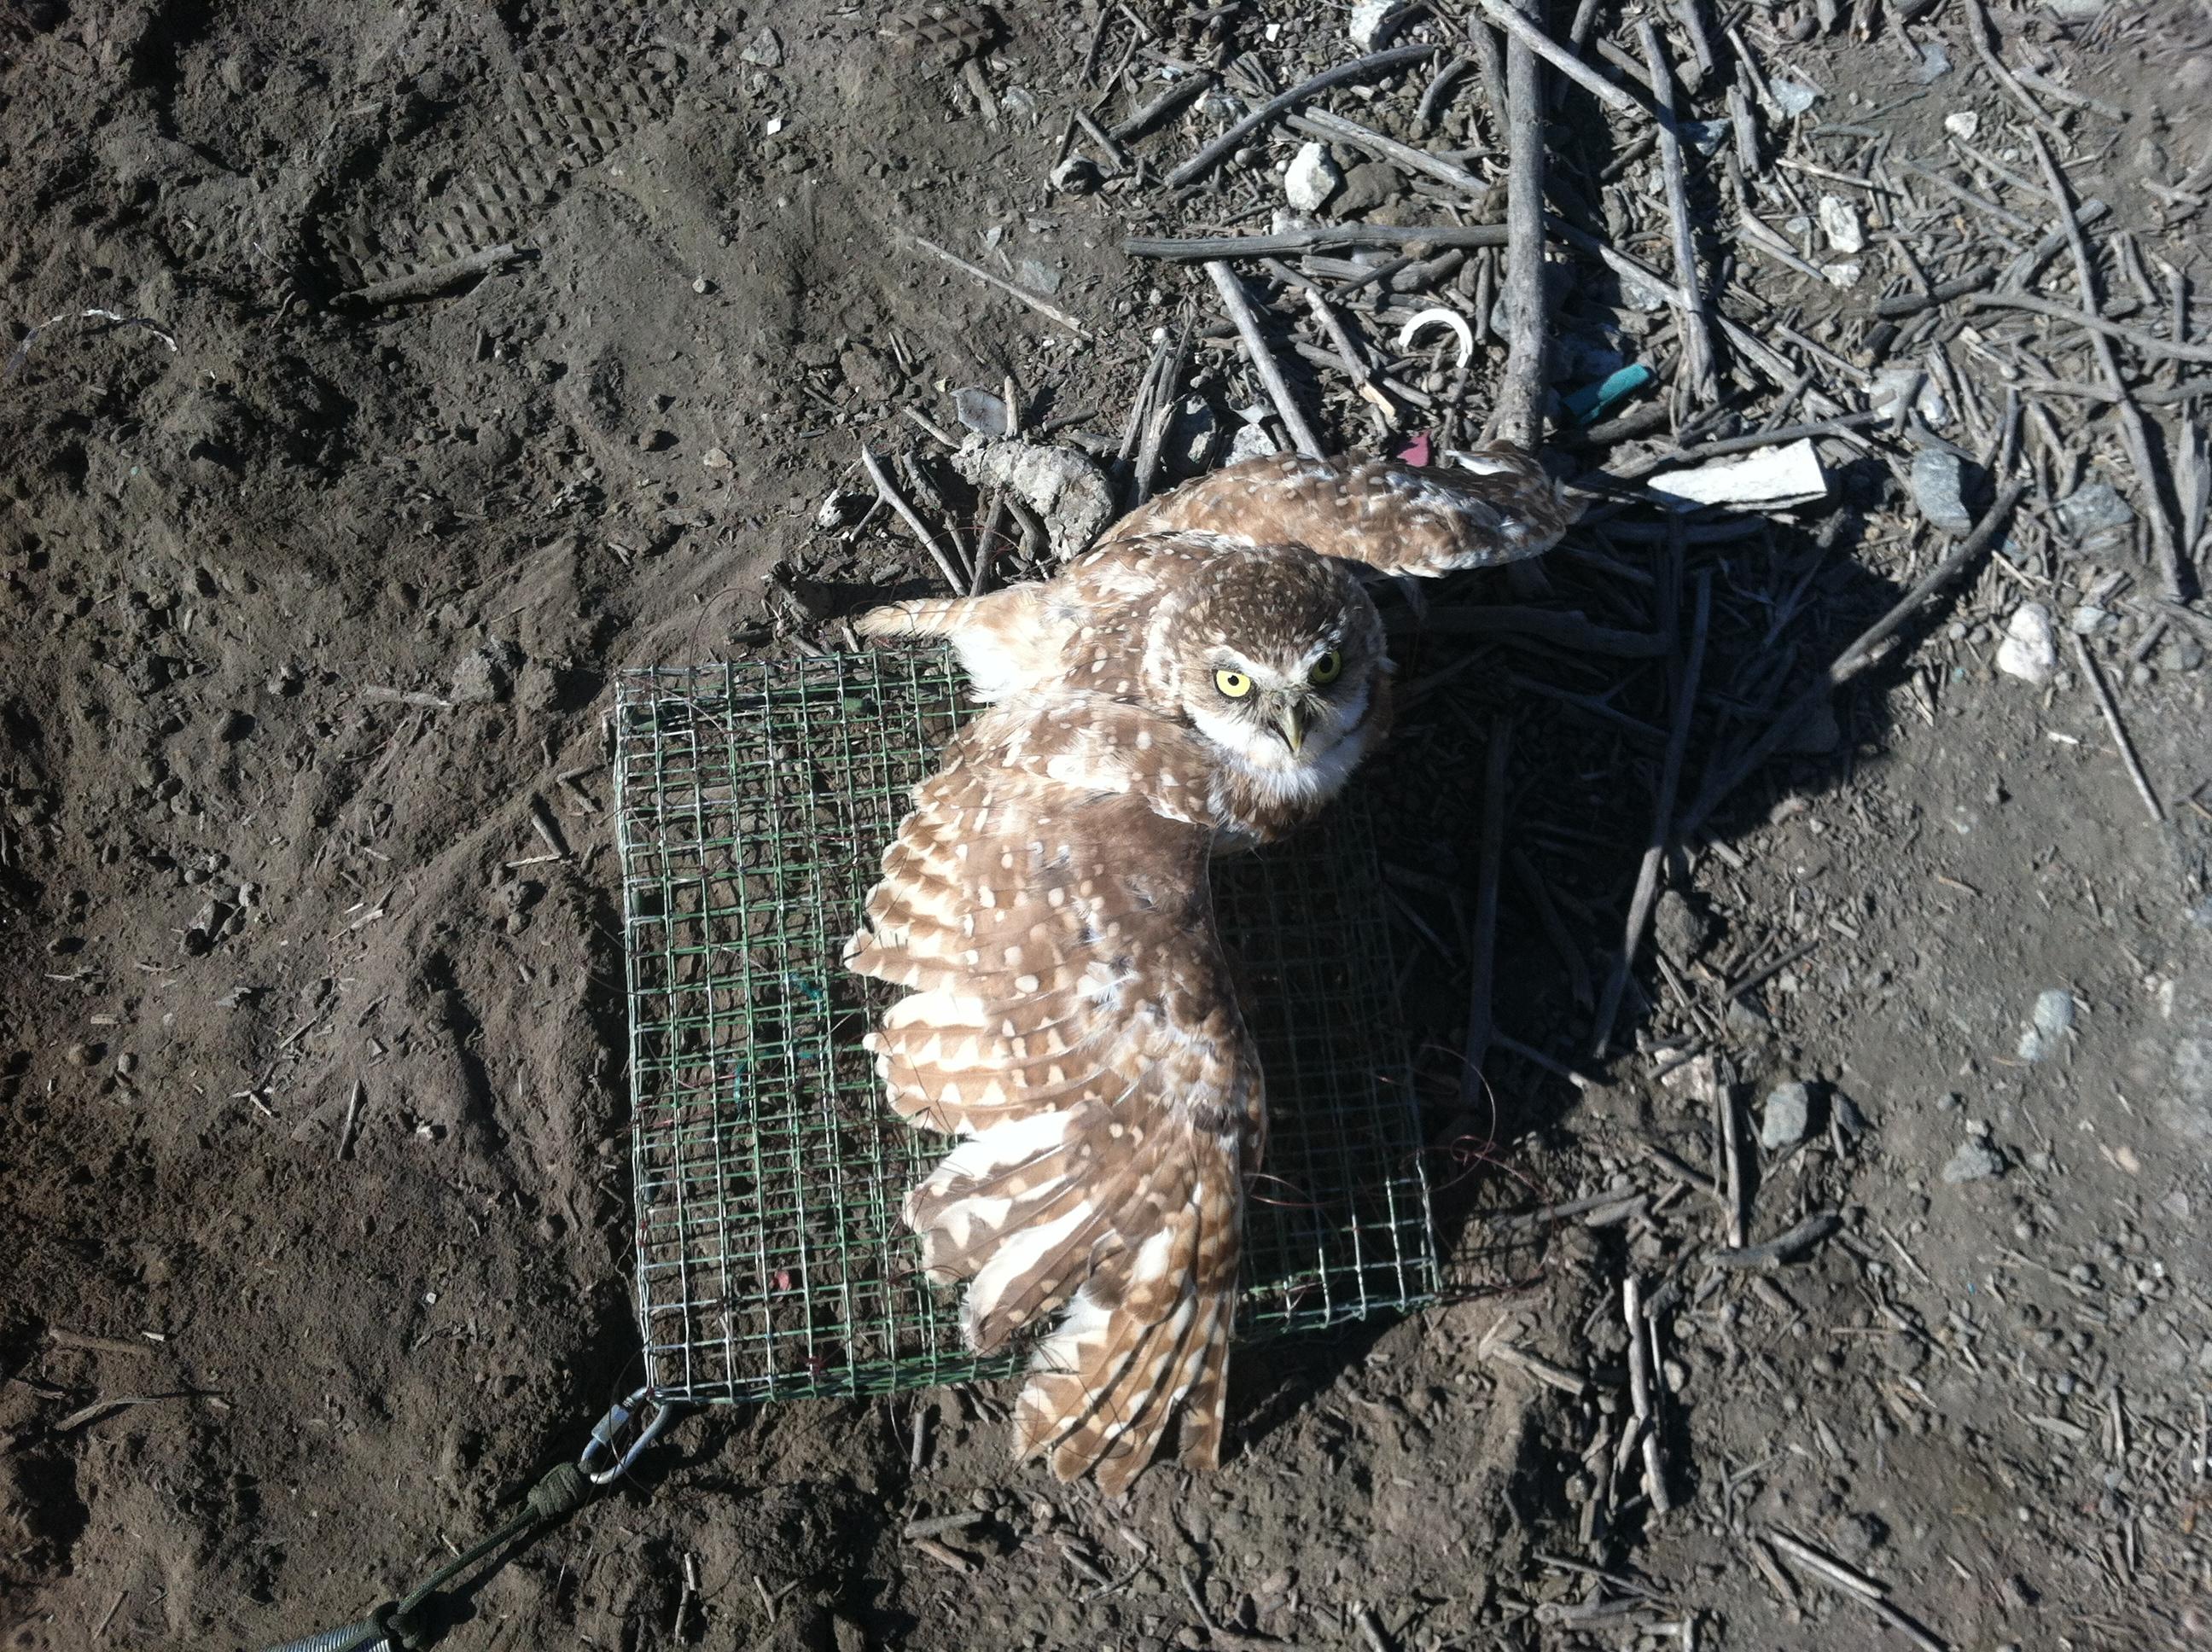 Burrowing Owl Capture - Seal Beach.JPG